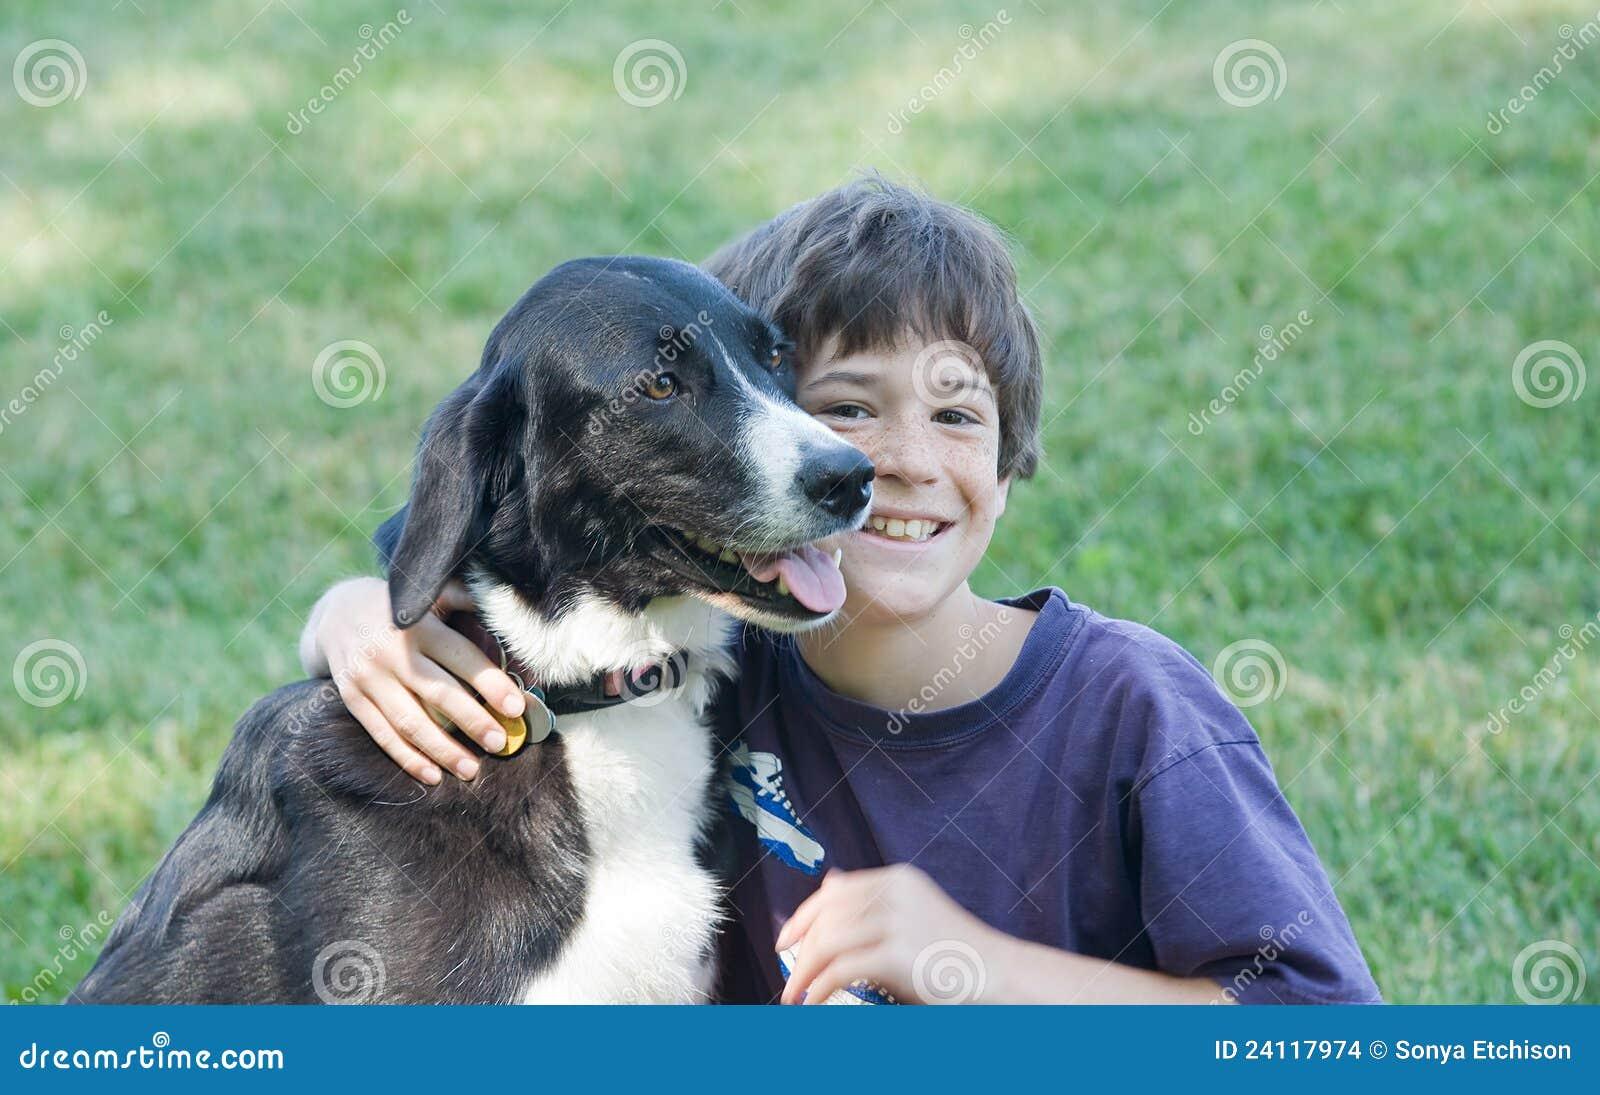 Boy Walking Big Dog